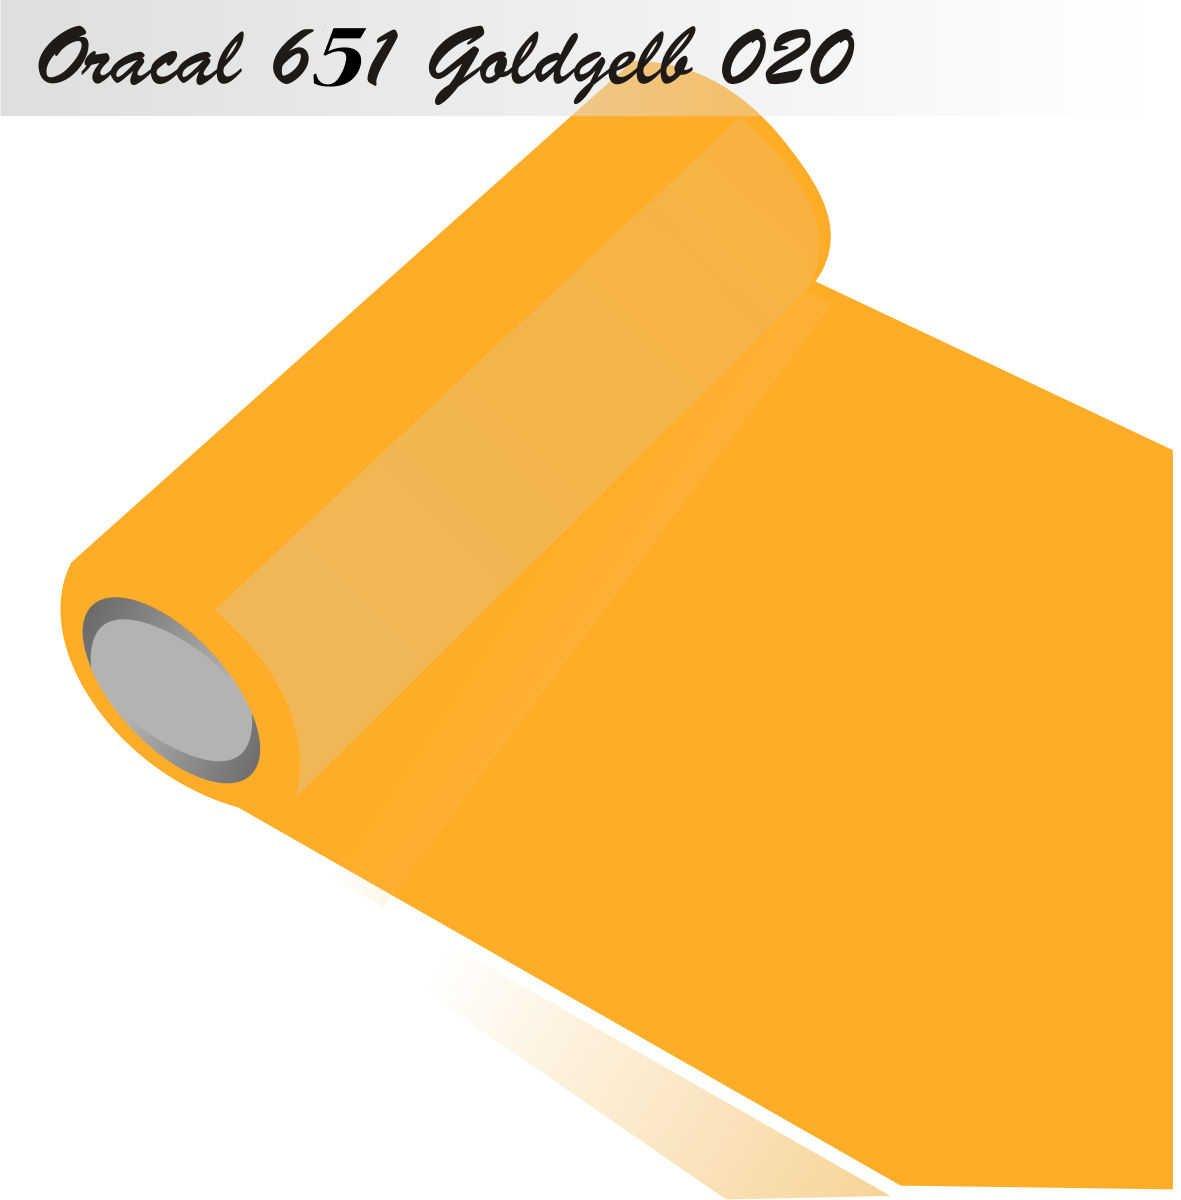 Oracal 651 - Orafol Folie 10m (Laufmeter) freie Farbwahl 55 55 55 glänzende Farben - glanz in 4 Größen, 63 cm Folienhöhe - Farbe 70 - schwarz B00TRTQN7O Wandtattoos & Wandbilder 6972c2